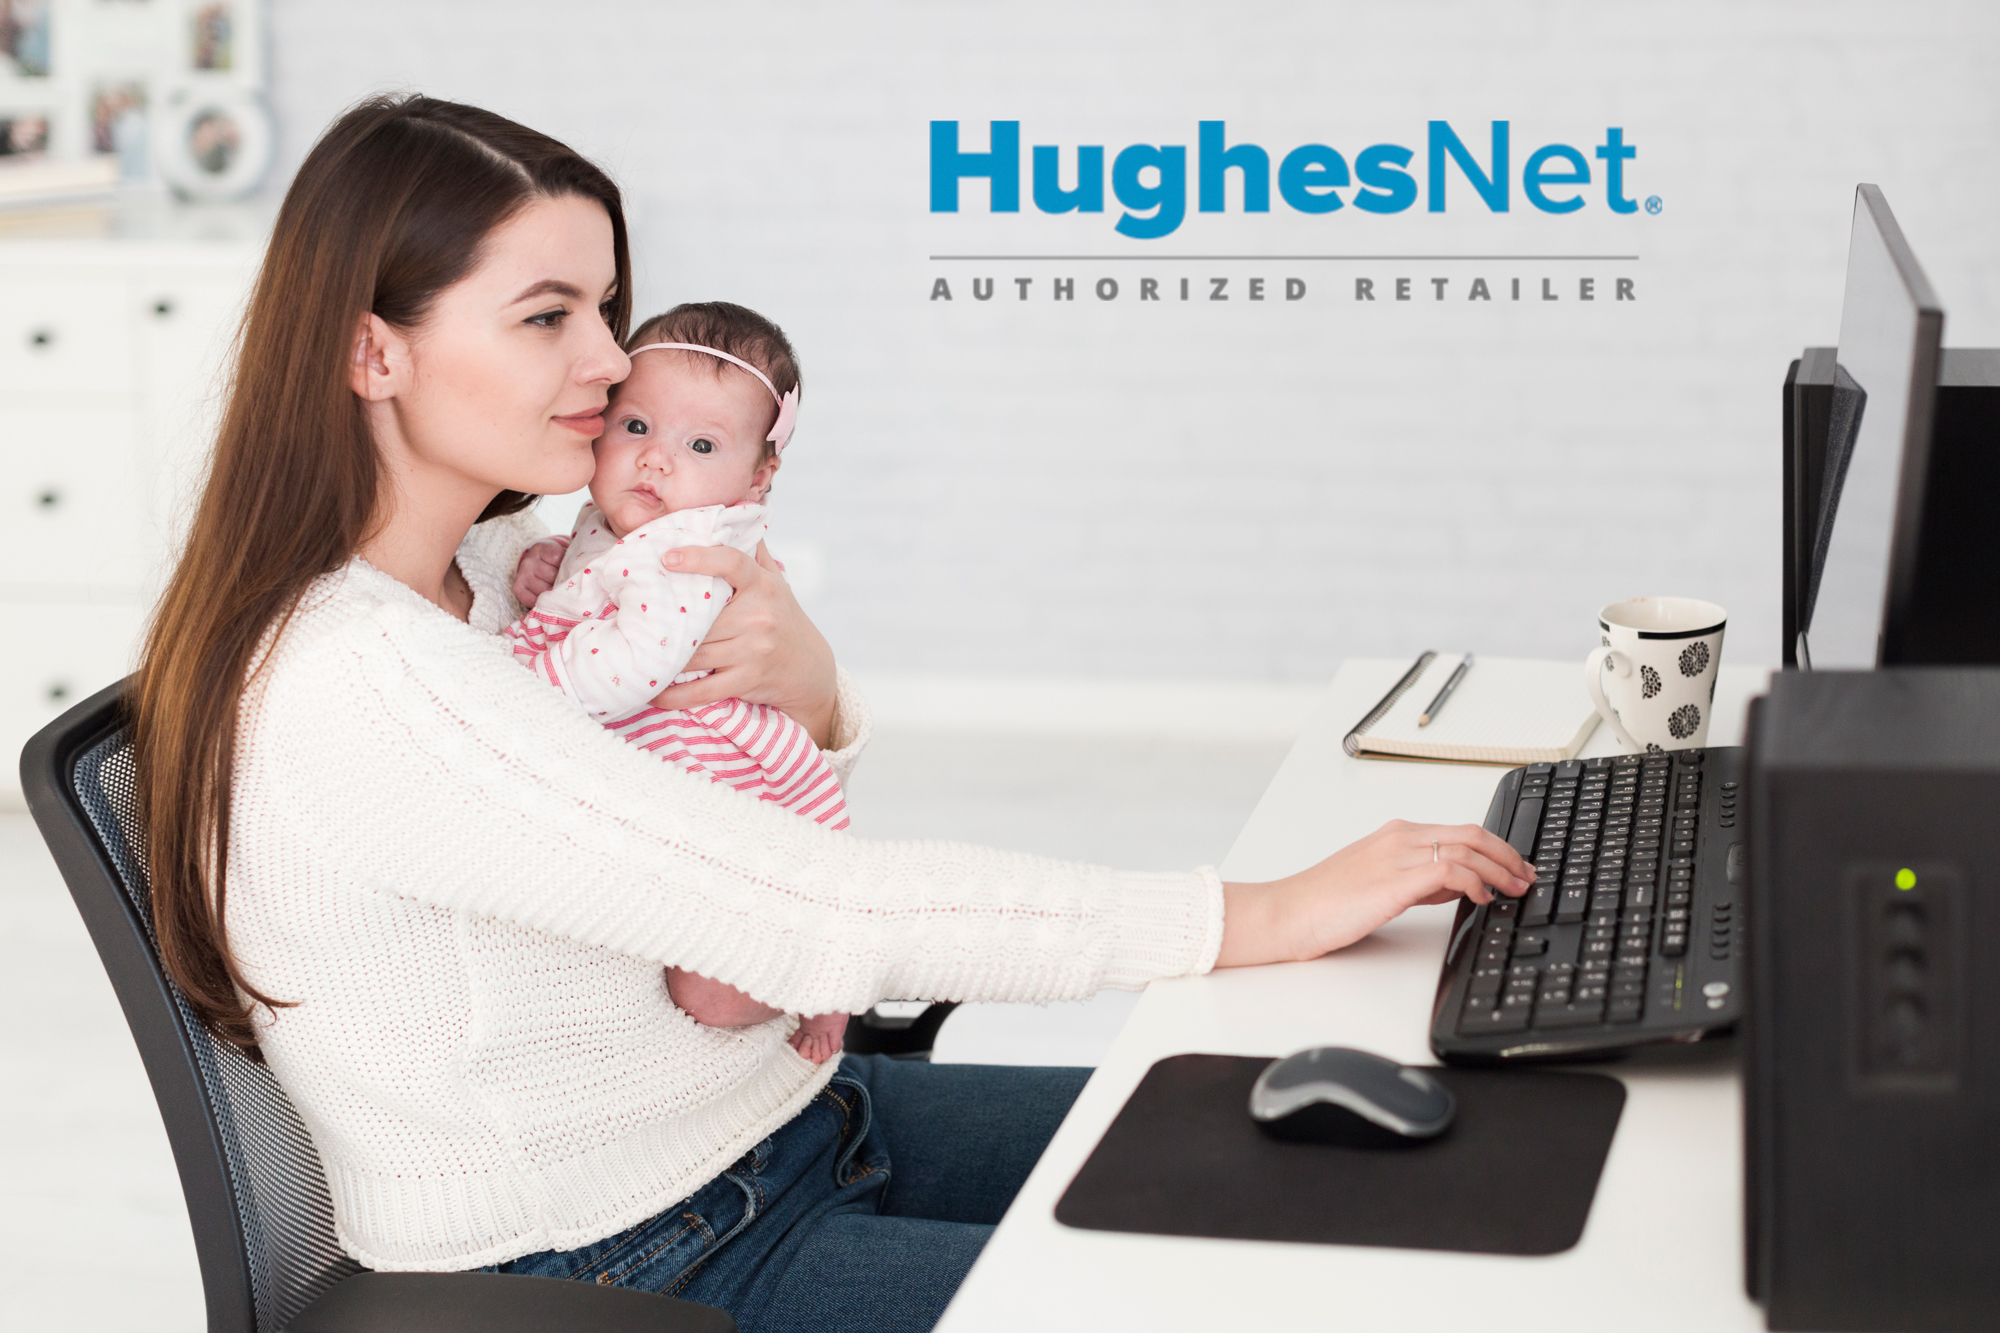 Internet in Mississippi – HughesNet, Satellite Internet